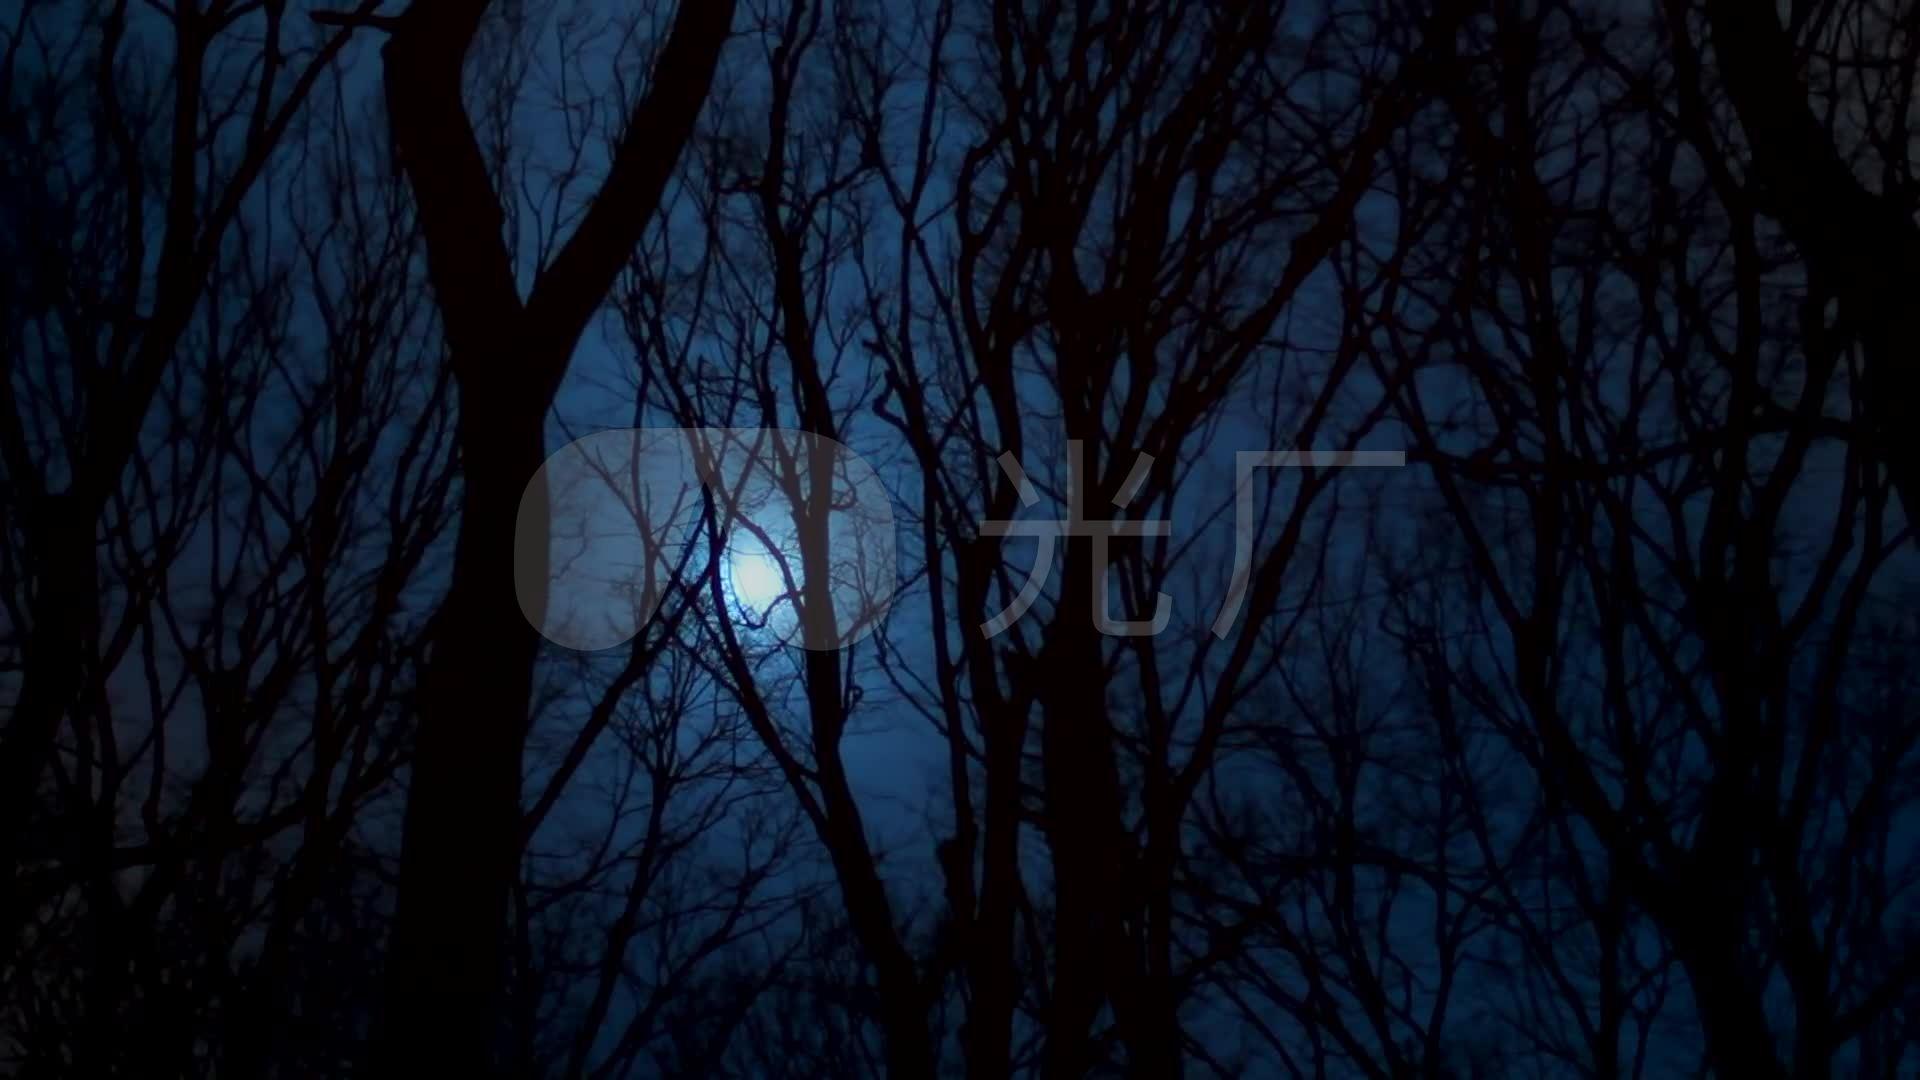 夜晚黑色森林刮风阴森恐怖效果_1920X1080_高清视频素材下载(编号:772205)_实拍视频